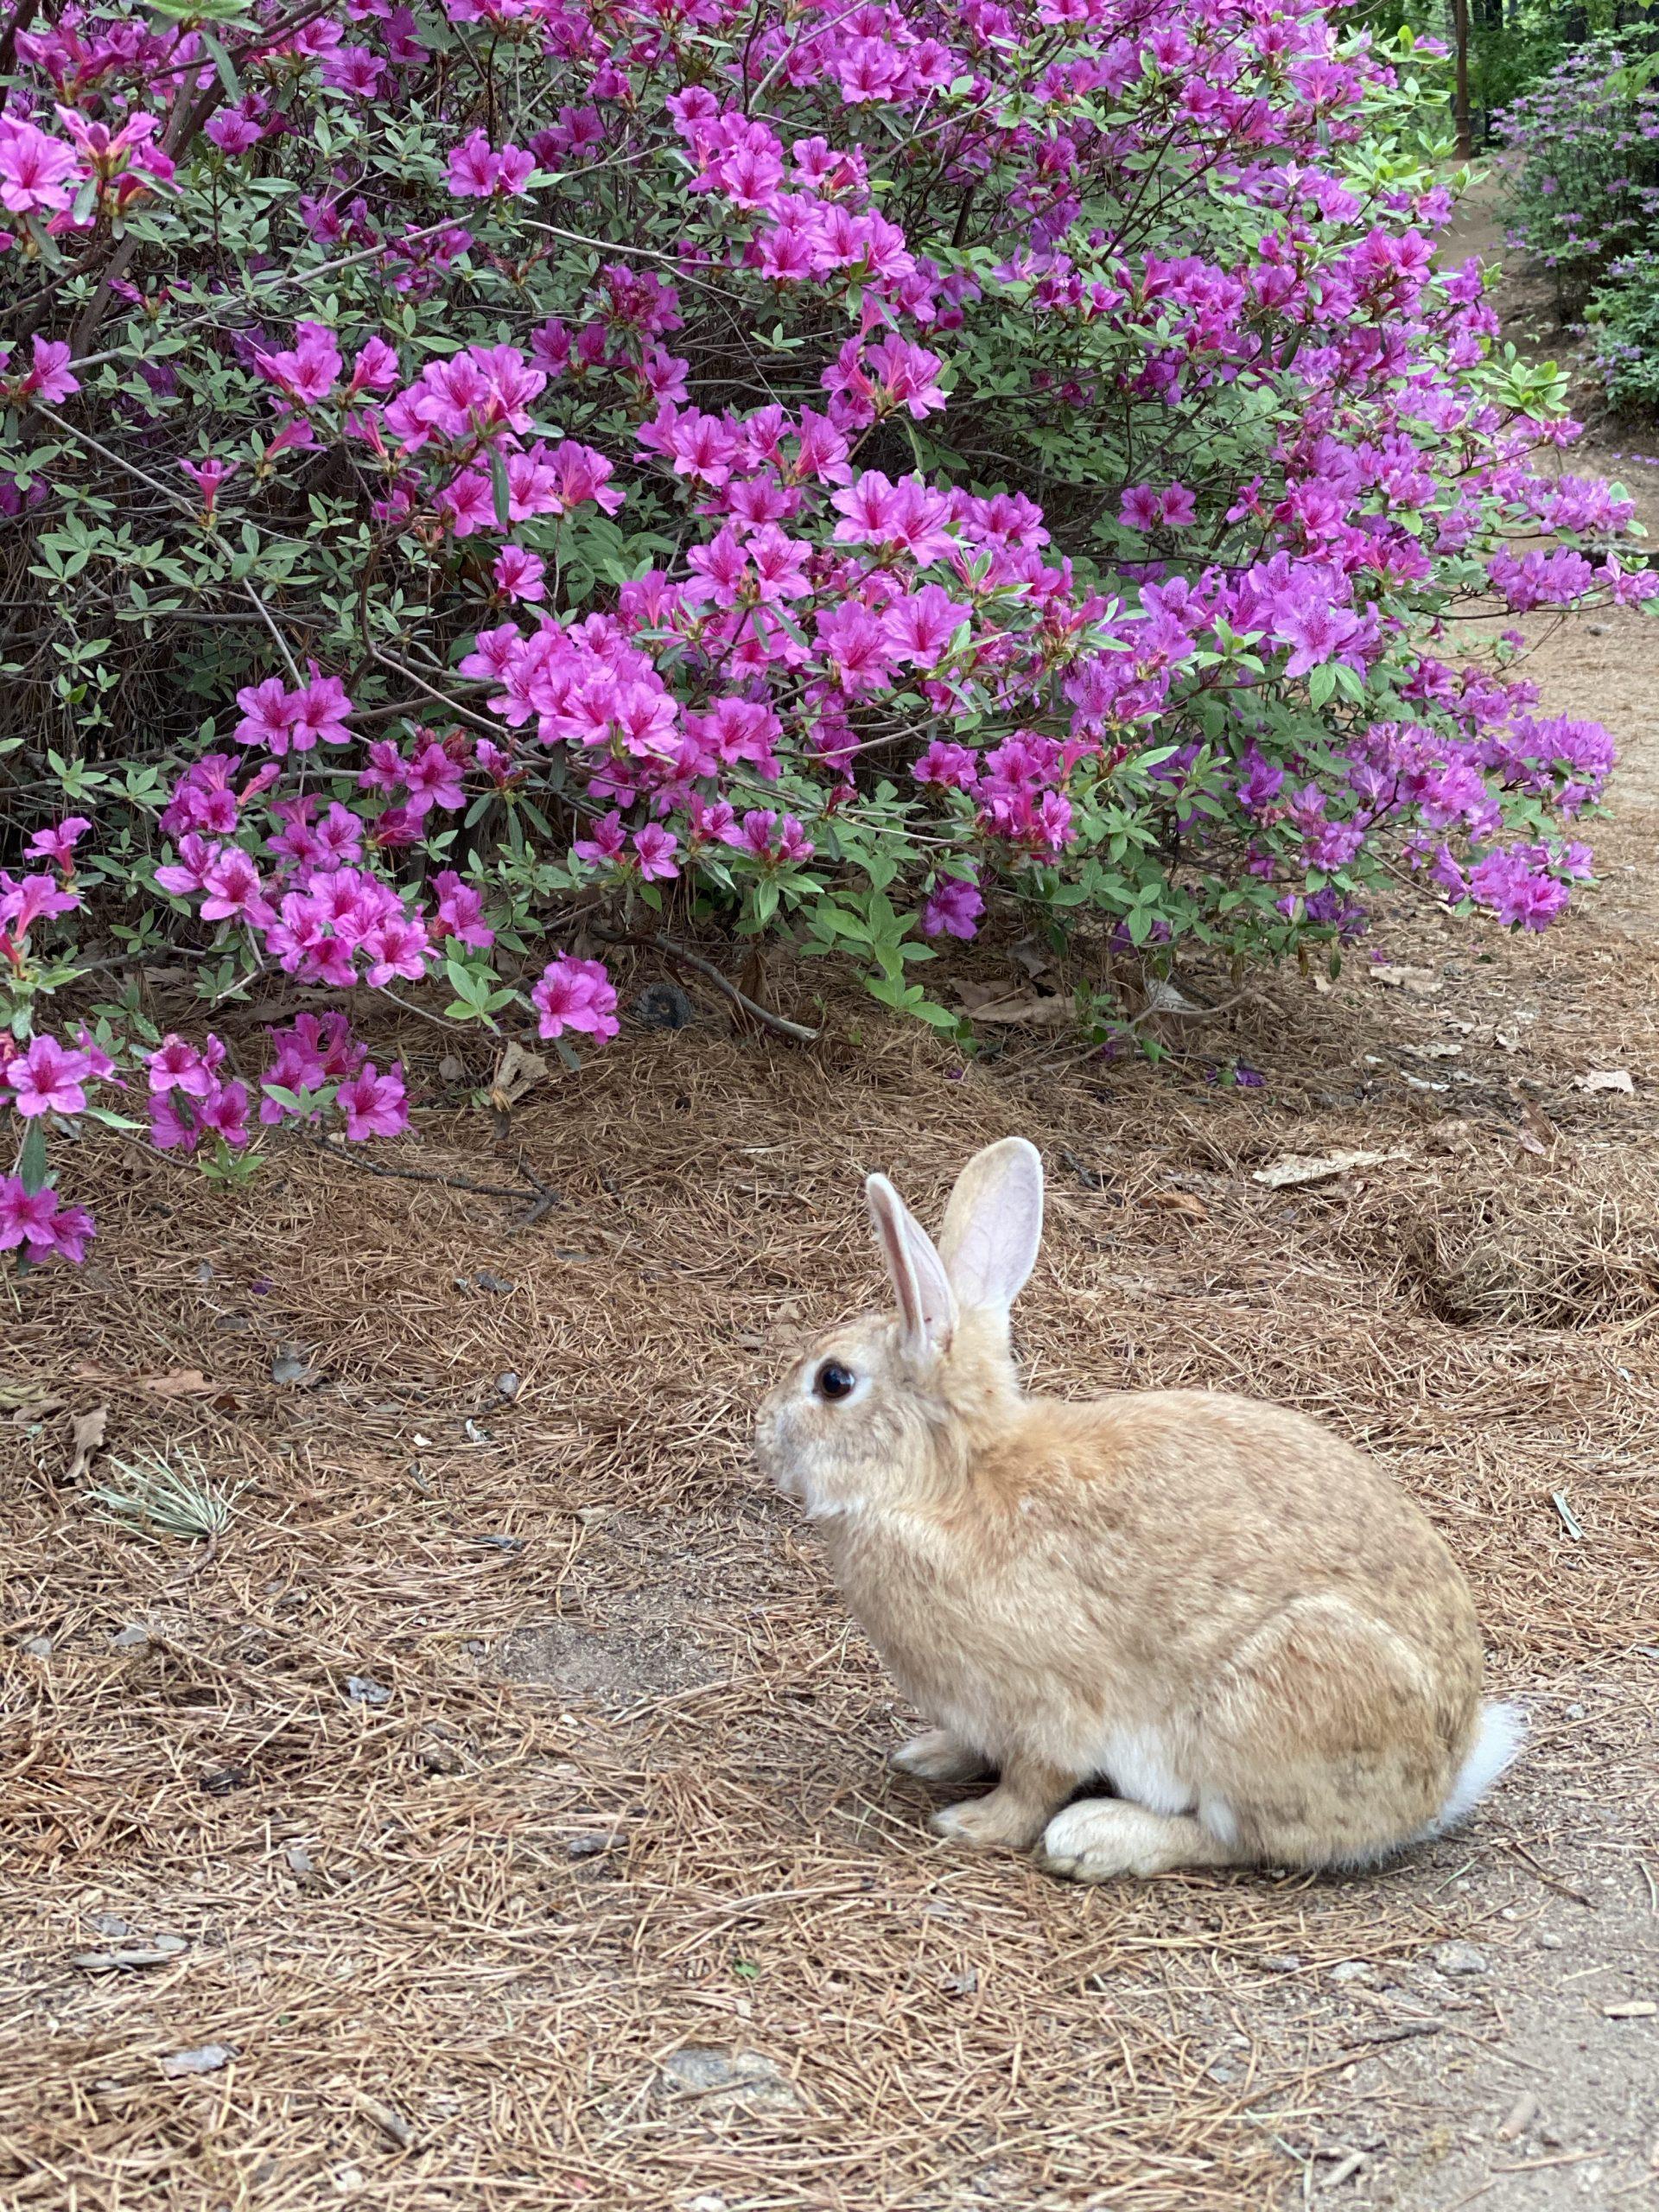 분당 중앙공원 철쭉 토끼